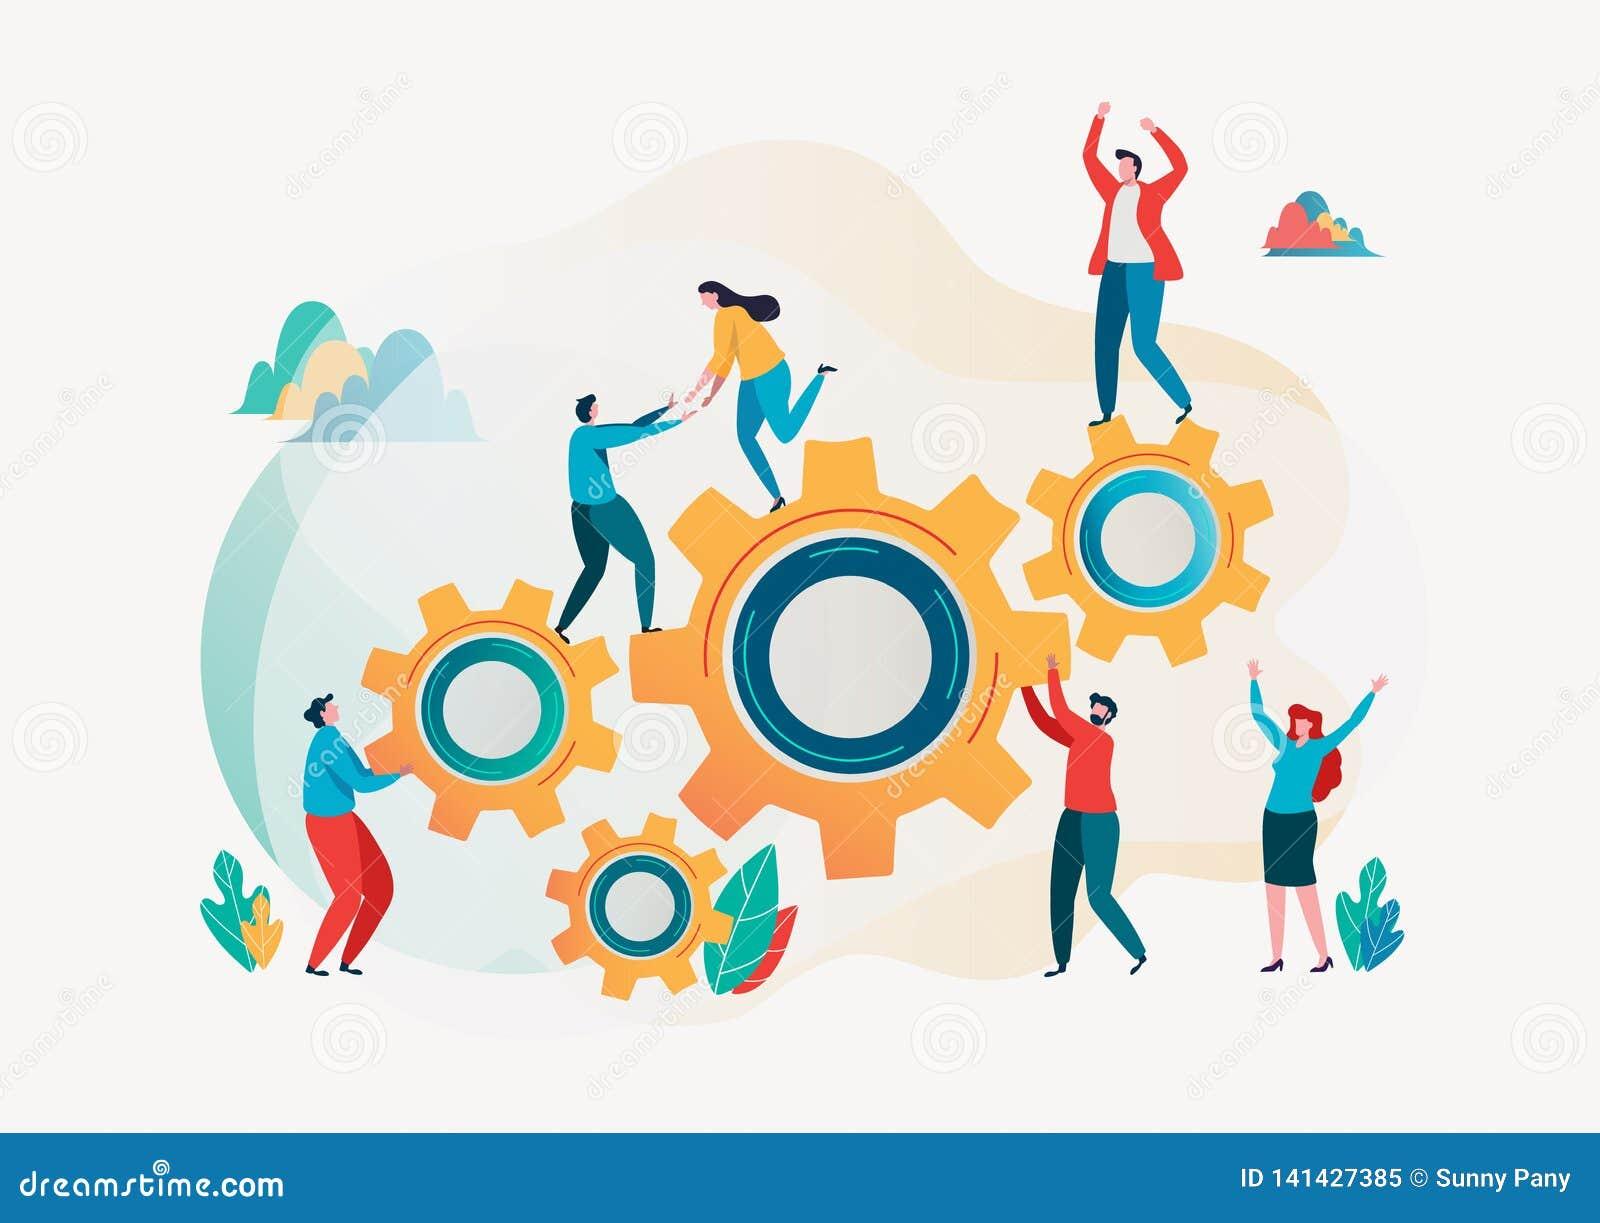 Принципиальная схема сыгранности Этапы жизни команды Метафора команды Совместно принципиальная схема также вектор иллюстрации при